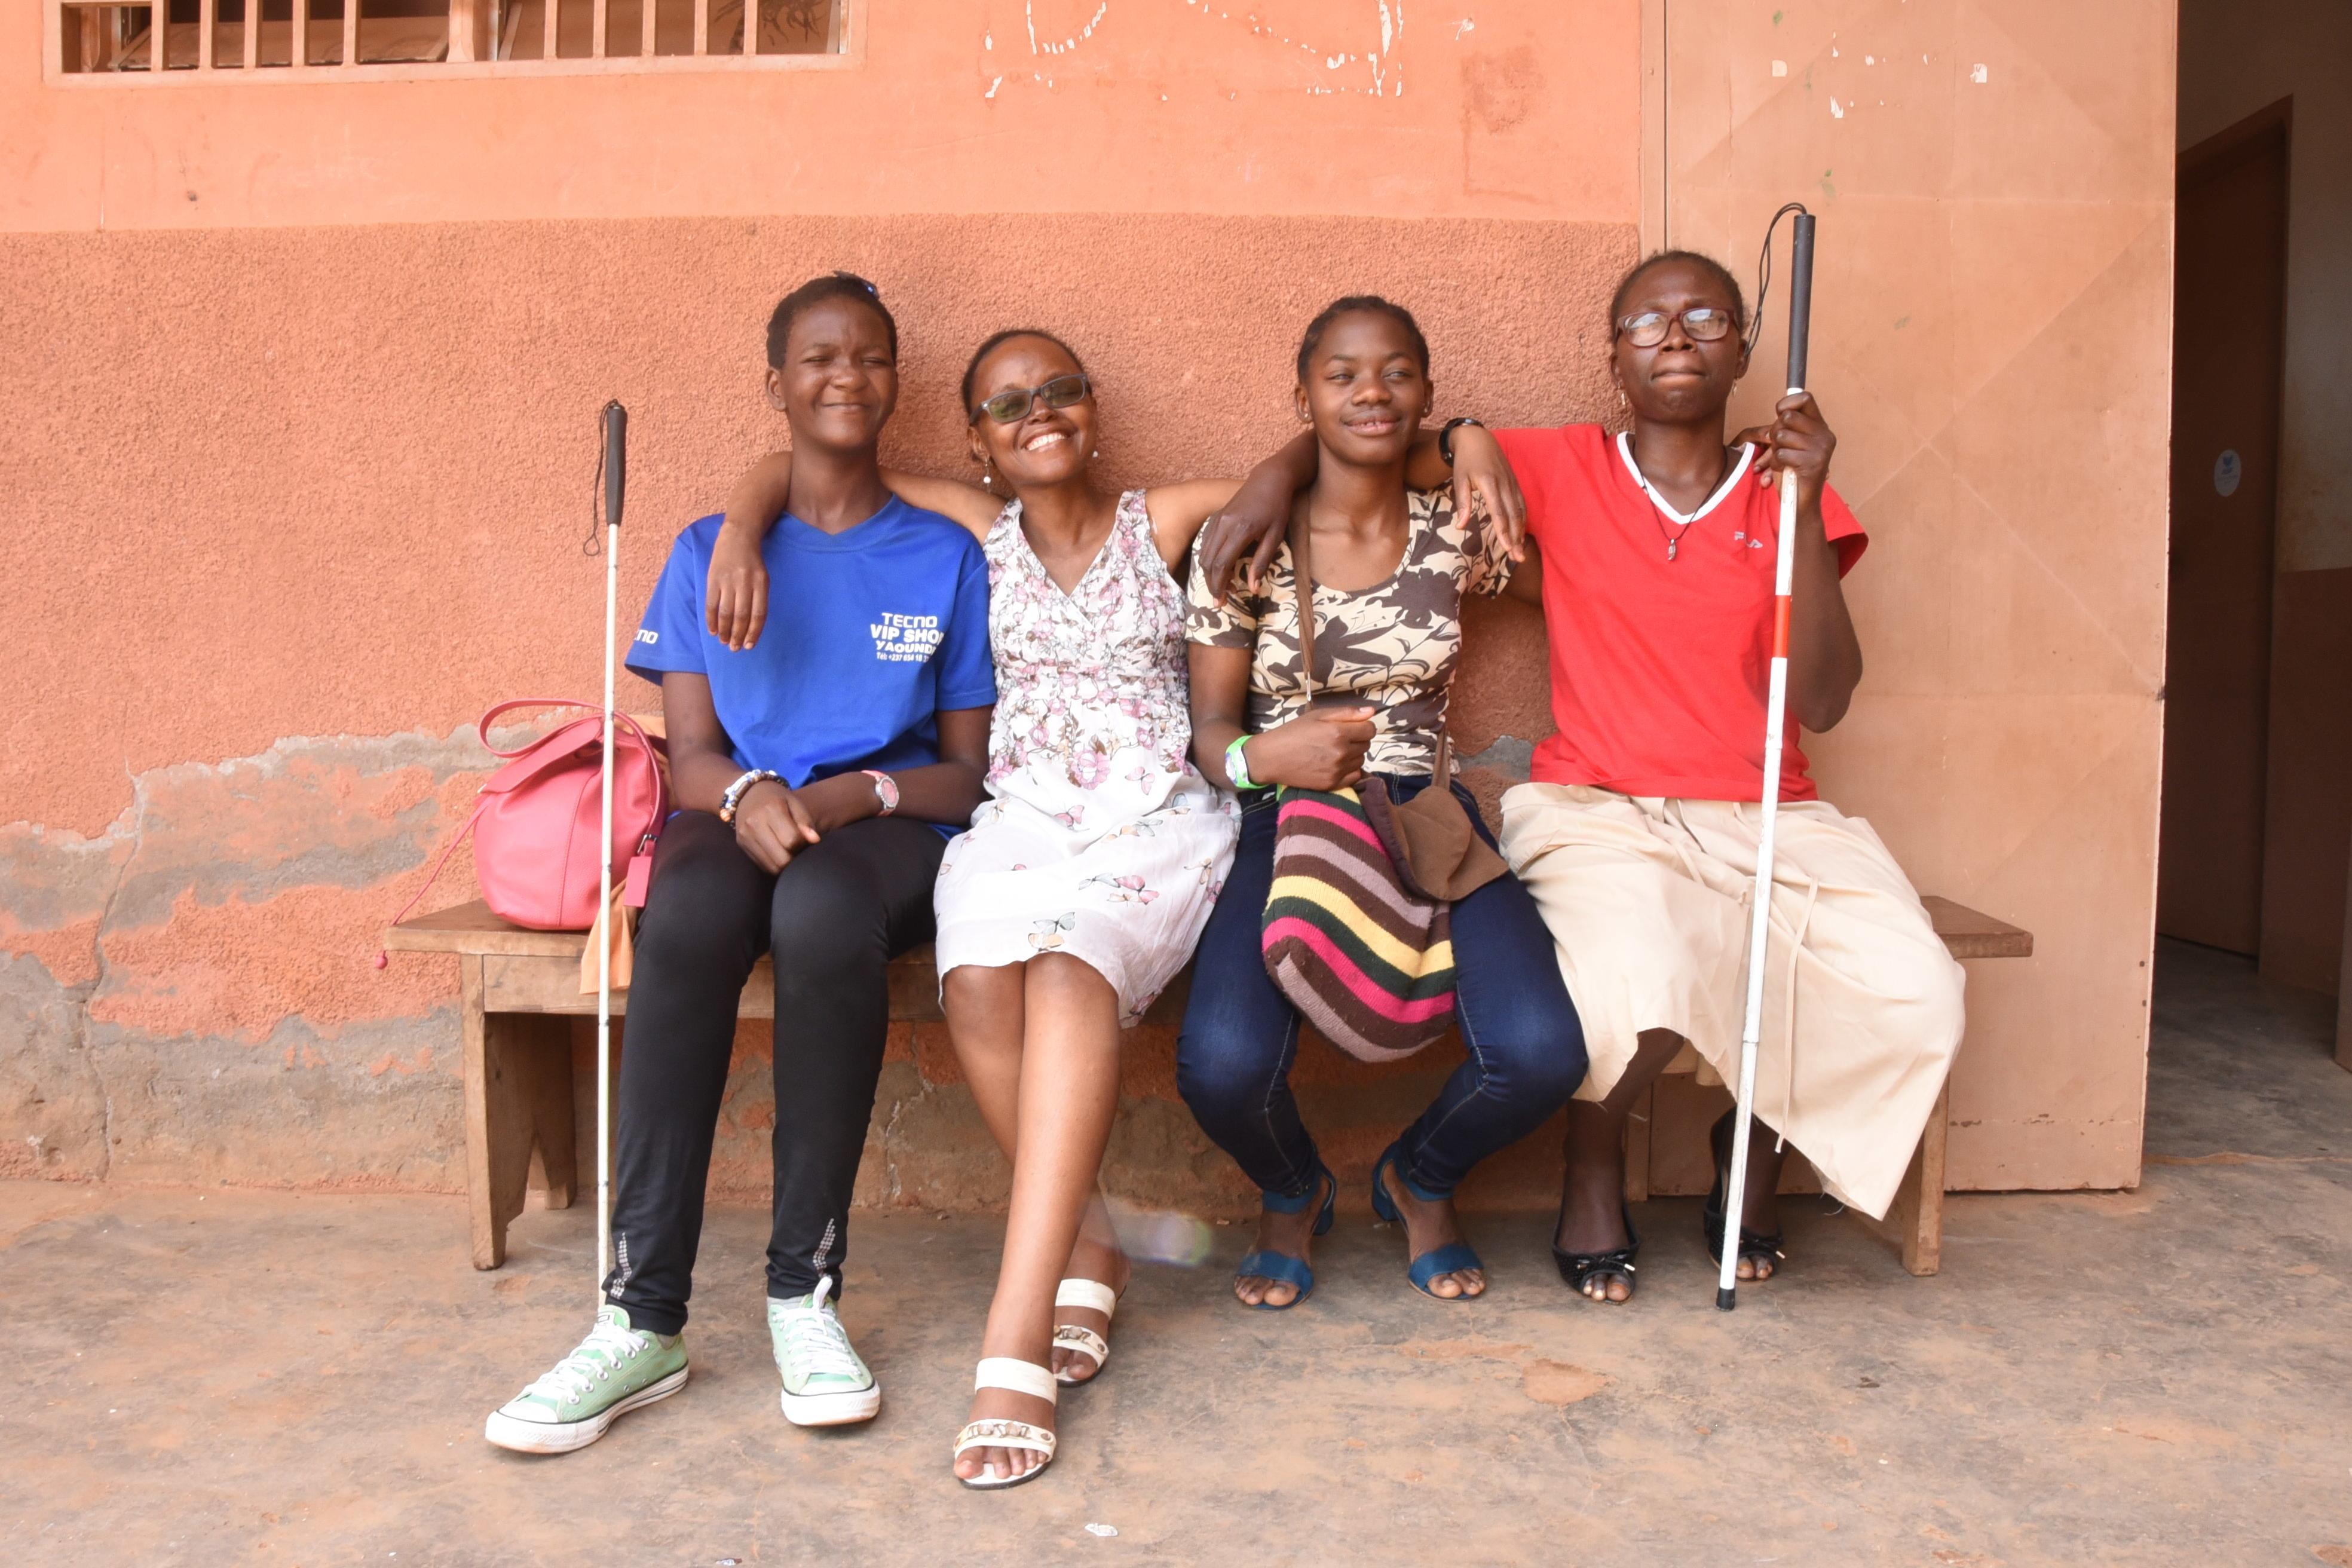 Vier junge Frauen sitzen lächelnd auf einer Bank. Zwei von ihnen haben Blindenstöcke.